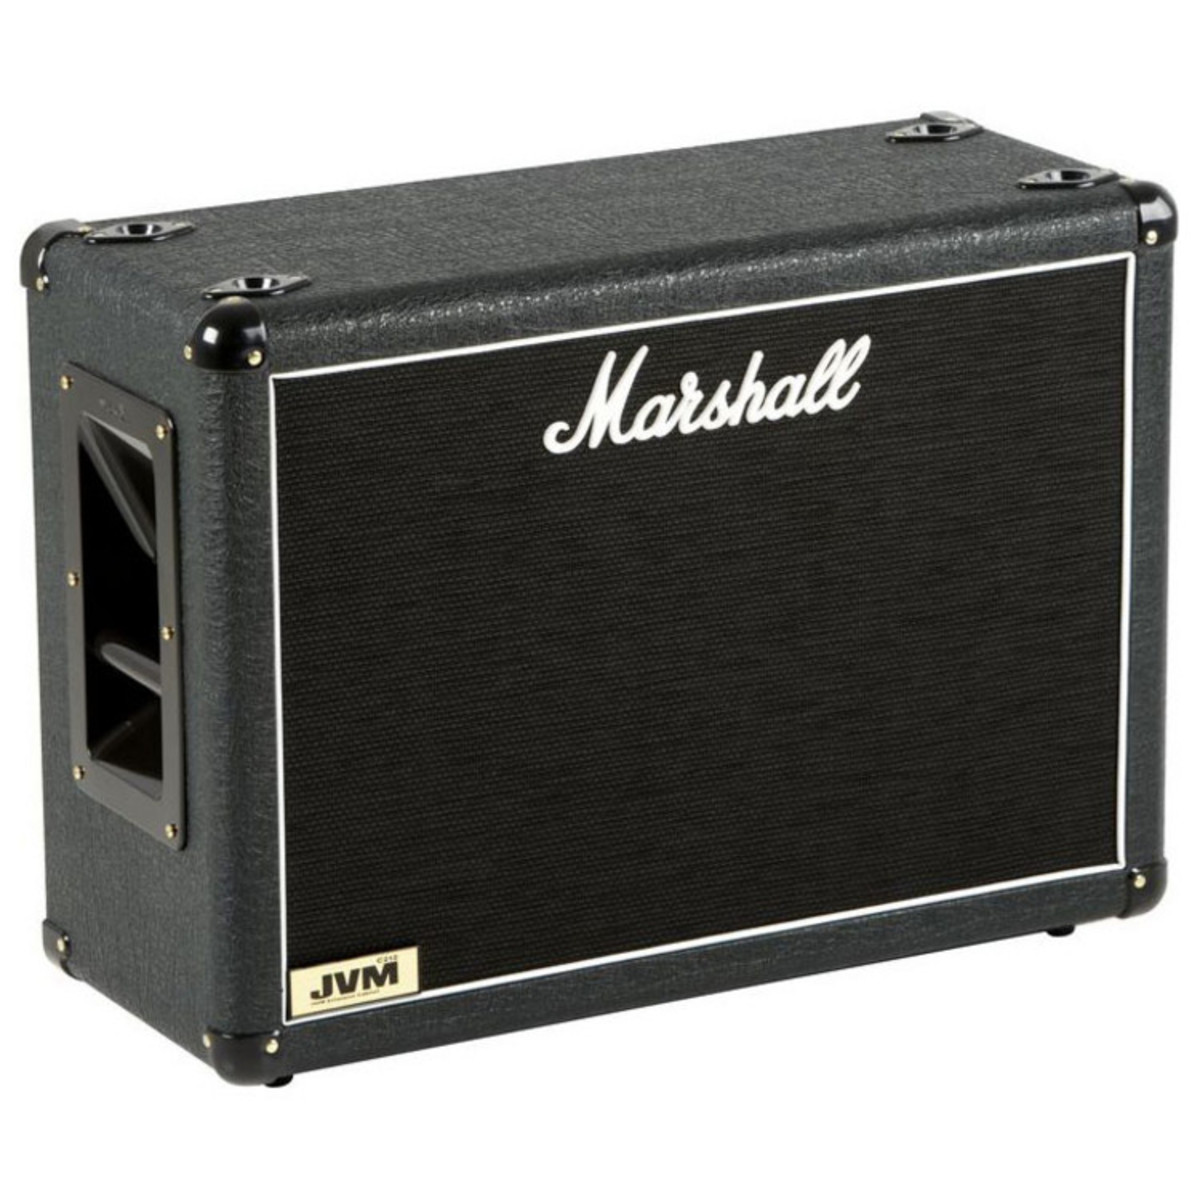 marshall jvmc212 guitar speaker cabinet at. Black Bedroom Furniture Sets. Home Design Ideas